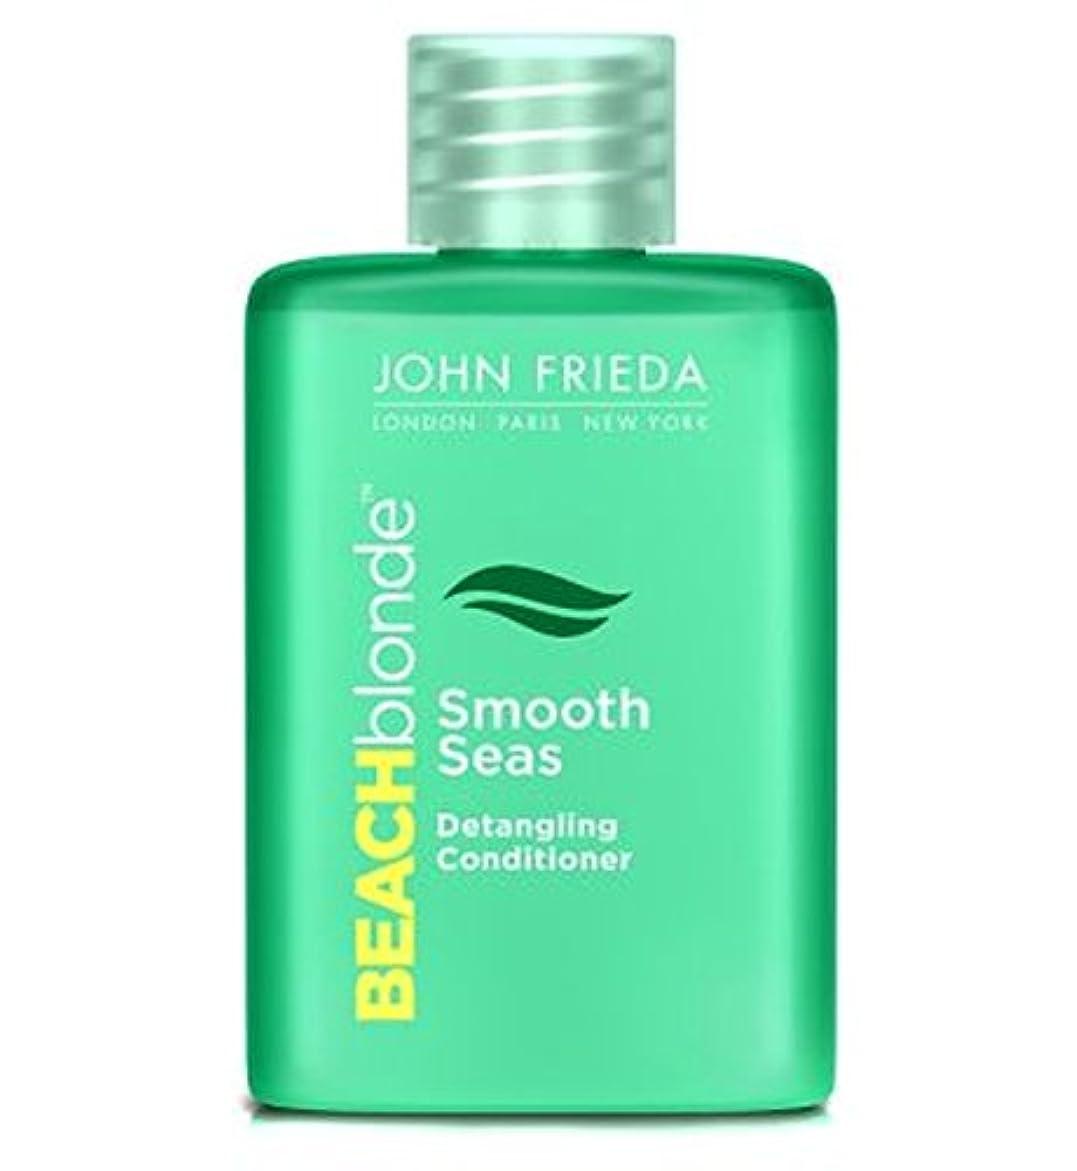 比率階下コントローラコンディショナー50ミリリットルをもつれ解除ジョンFrieda?ビーチブロンド滑らかな海 (John Frieda) (x2) - John Frieda? Beach Blonde Smooth Seas Detangling...